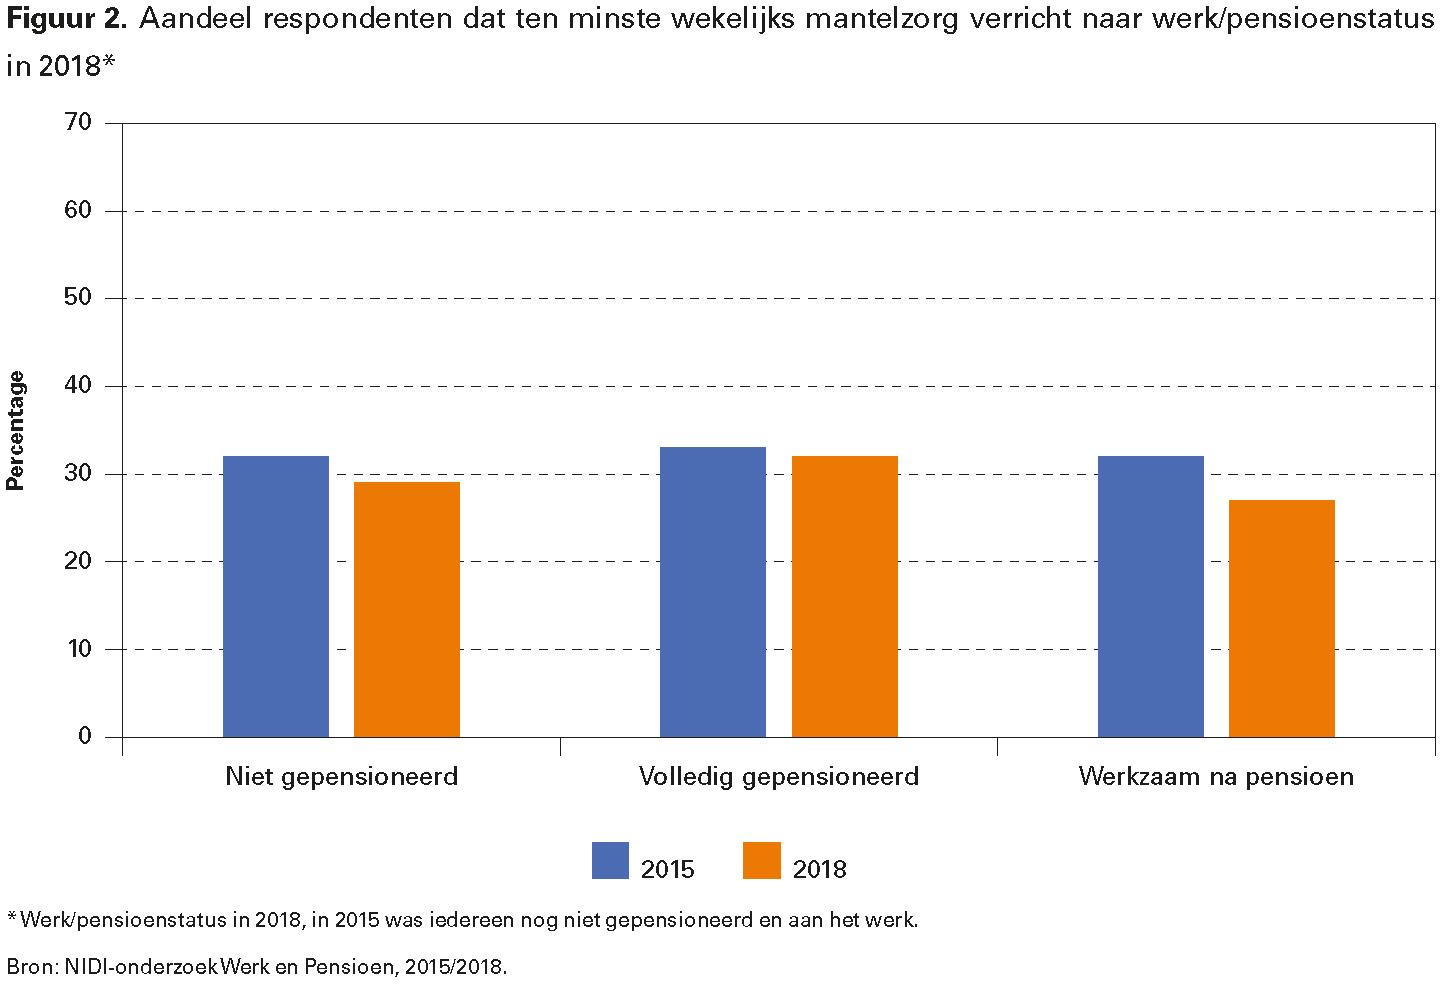 Figuur 2. Aandeel respondenten dat ten minste wekelijks mantelzorg verricht naar werk/pensioenstatus in 2018*